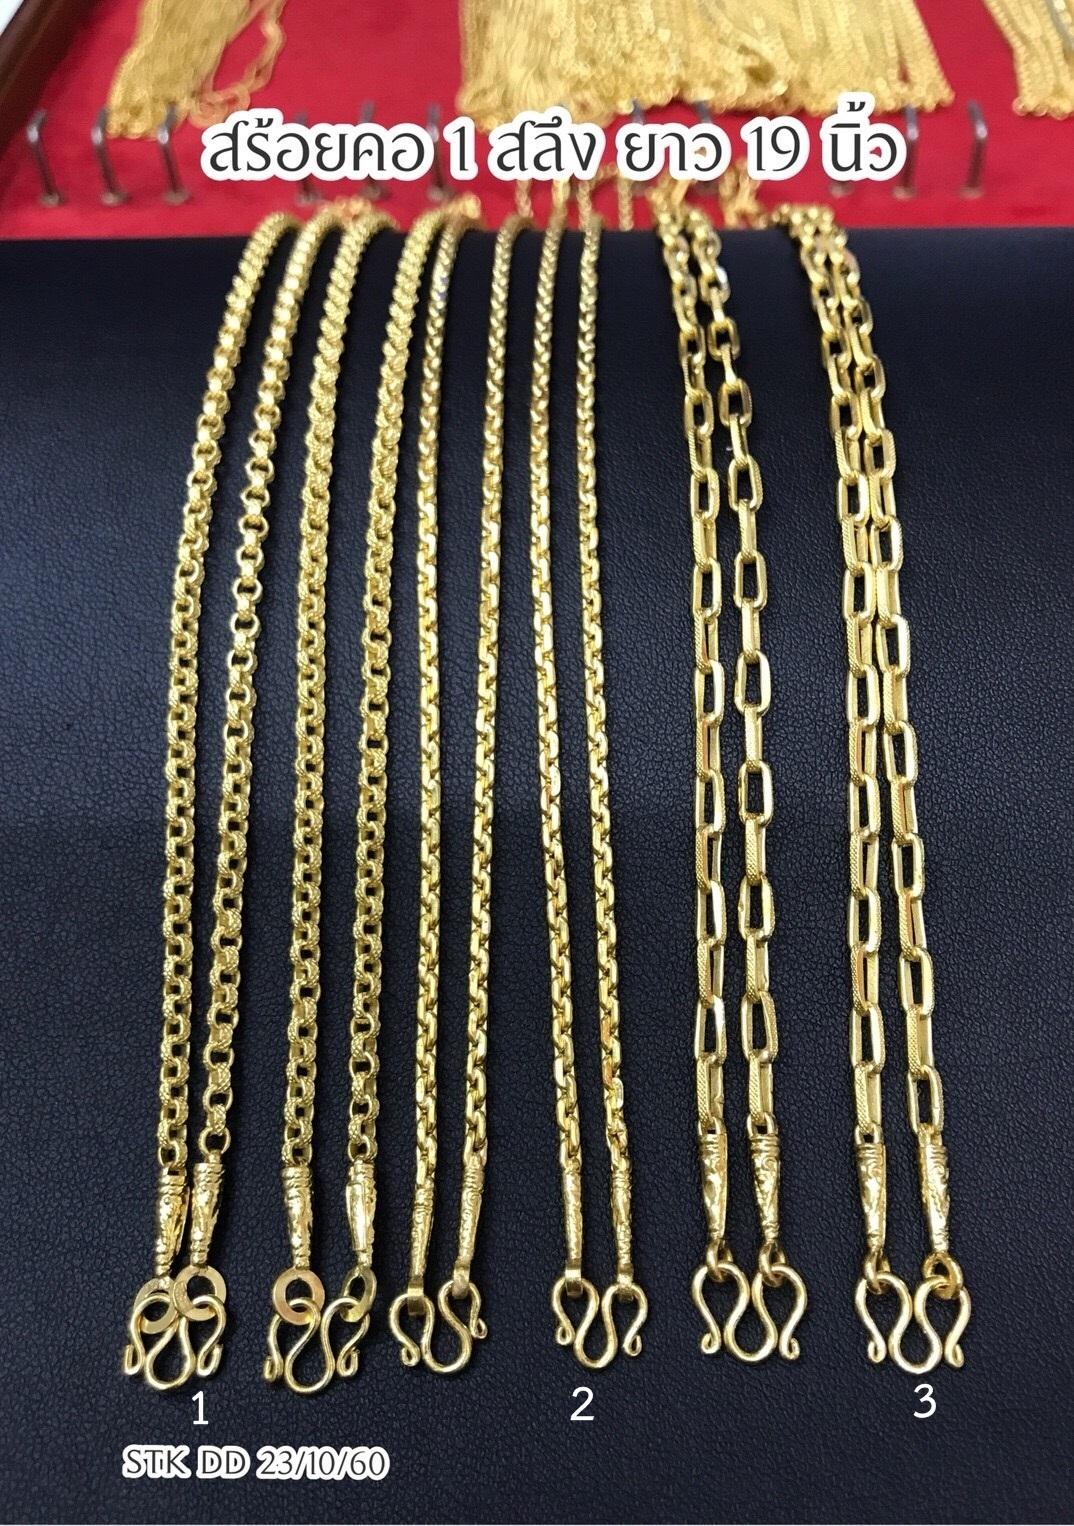 สร้อยคอ ทองแท้ 96.5% หนัก 1 สลึง/ยาว 19 นิ้ว